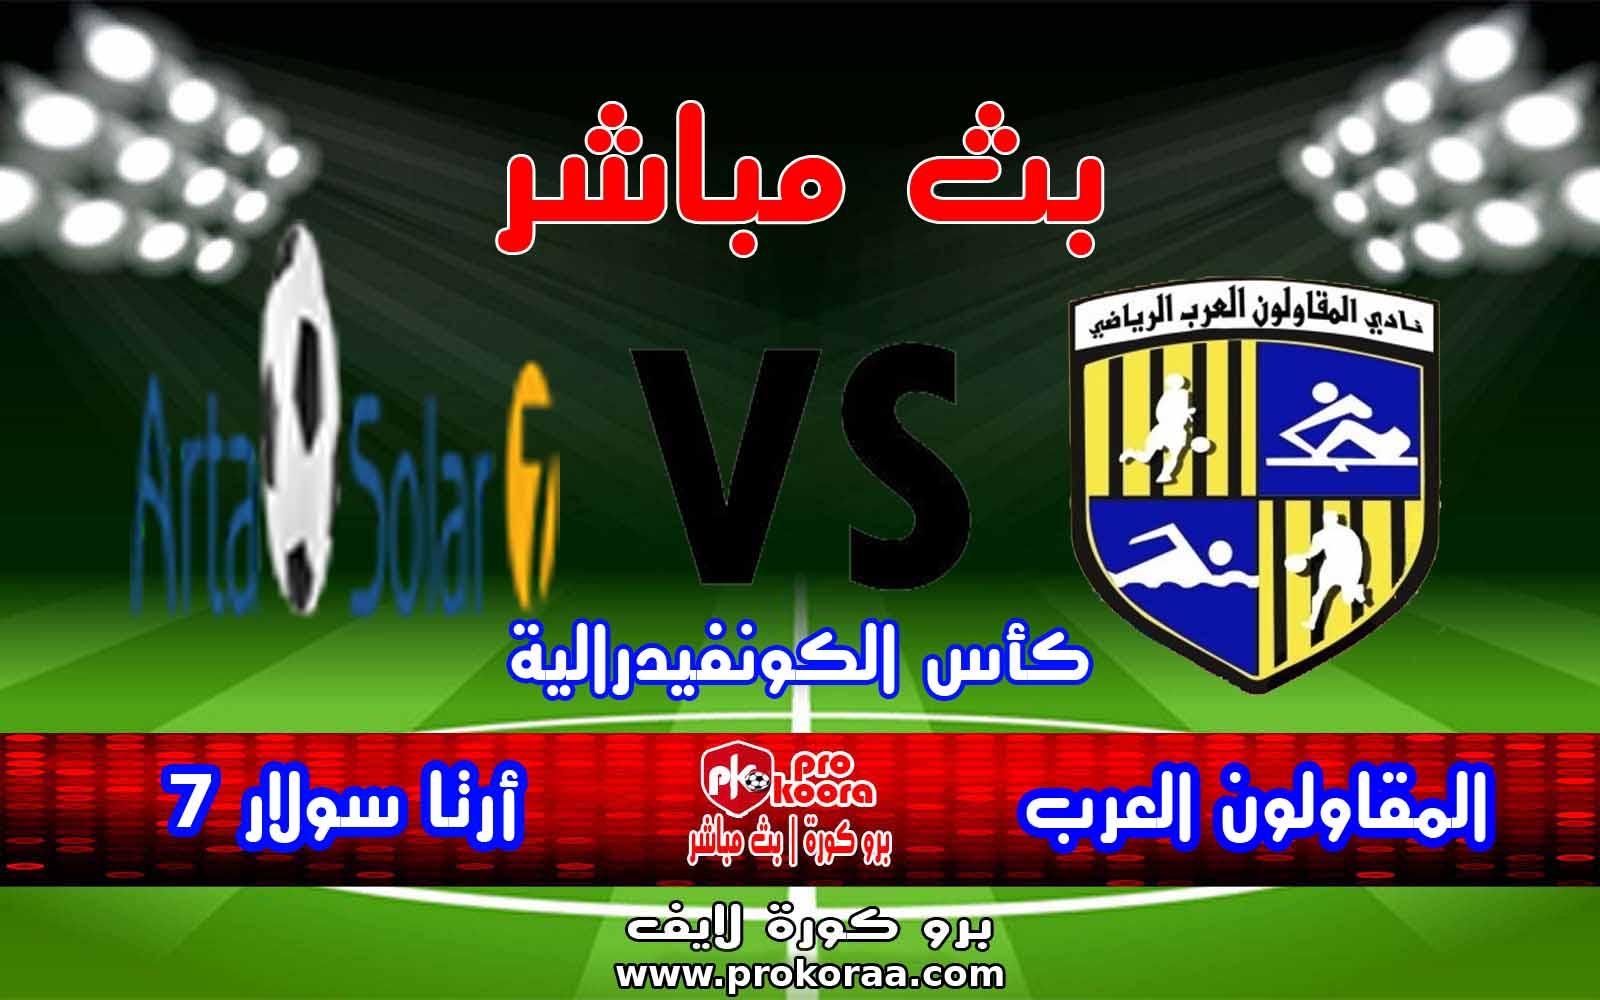 مشاهدة مباراة المقاولون العرب وأرتا سولار 7 بث مباشر